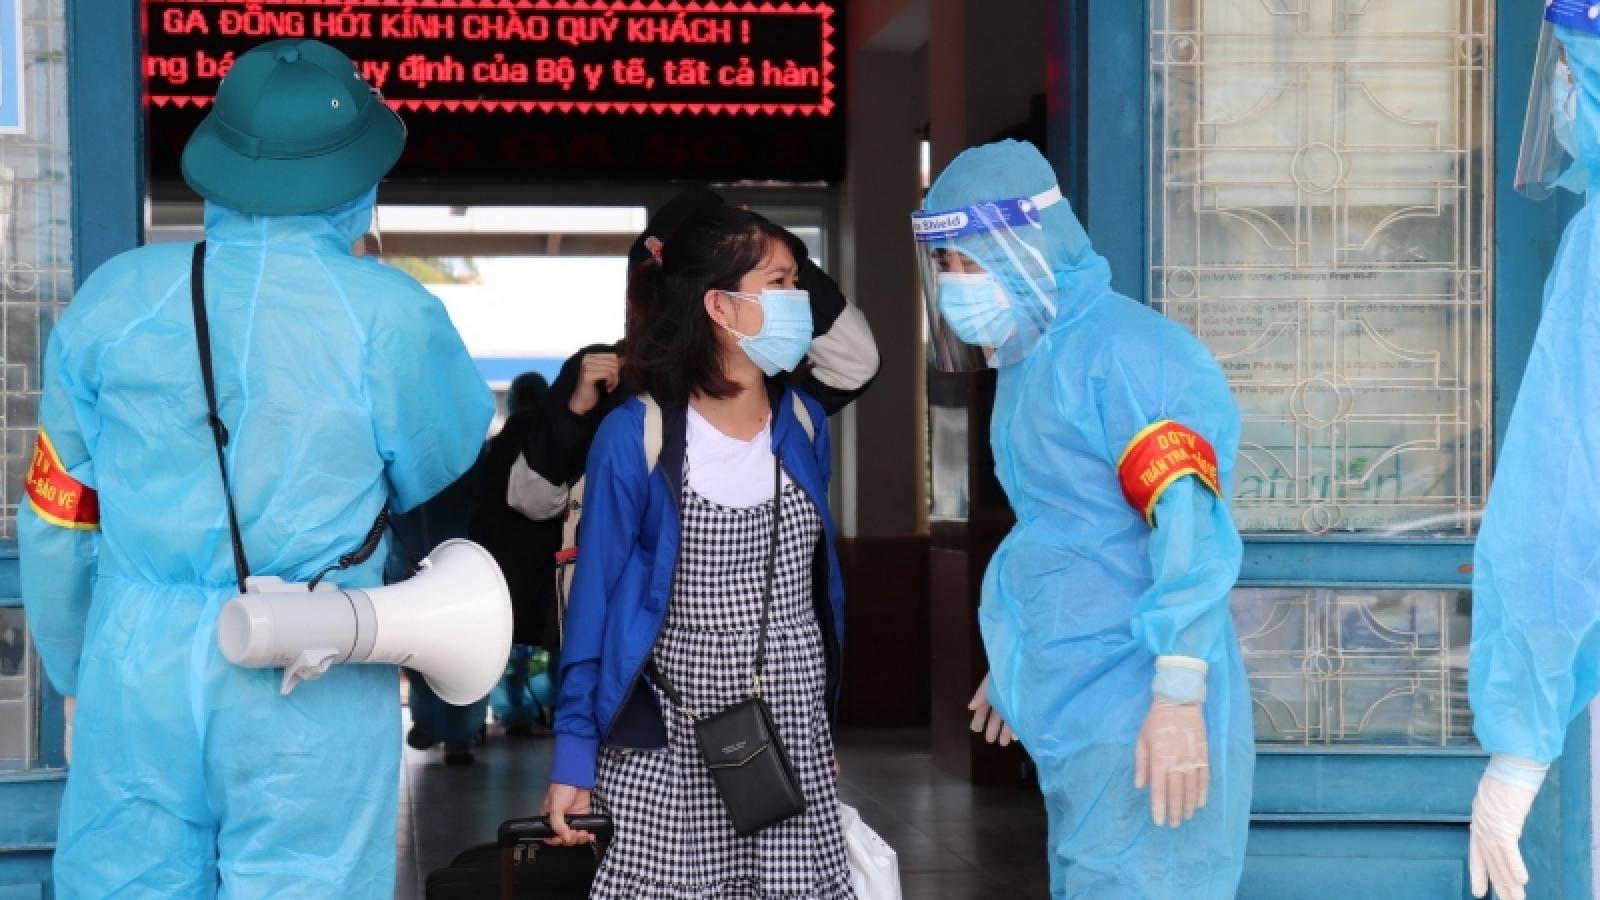 4 chuyến tàu chuyên biệt đưa công dân về Quảng Bình